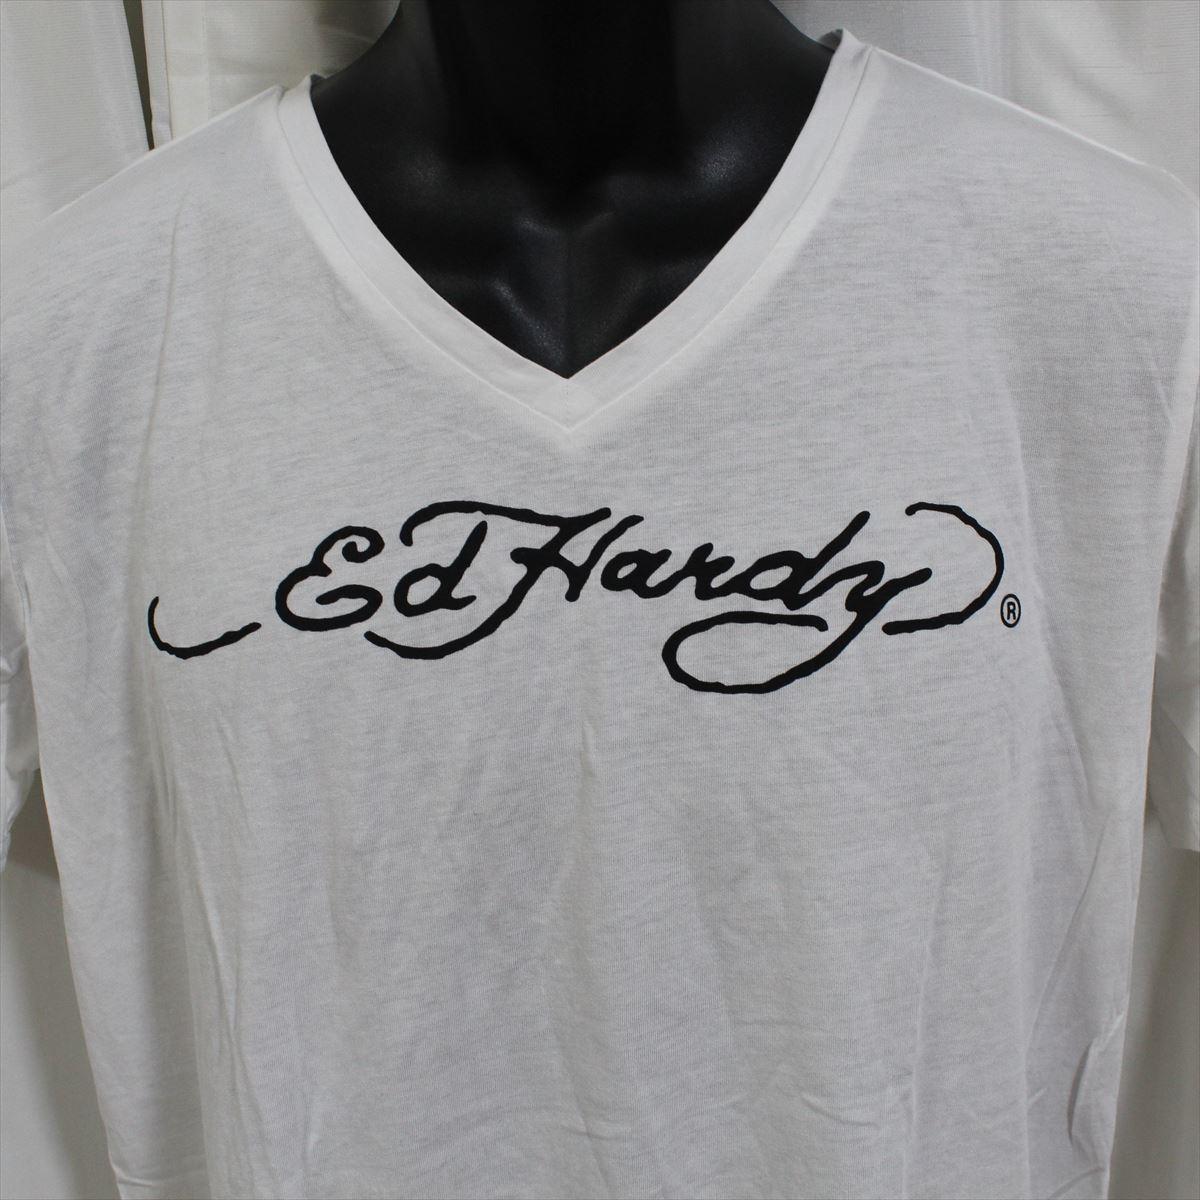 エドハーディー ED HARDY メンズ半袖Tシャツ ホワイト Lサイズ M02TCHB544 新品 Vネック 白_画像2